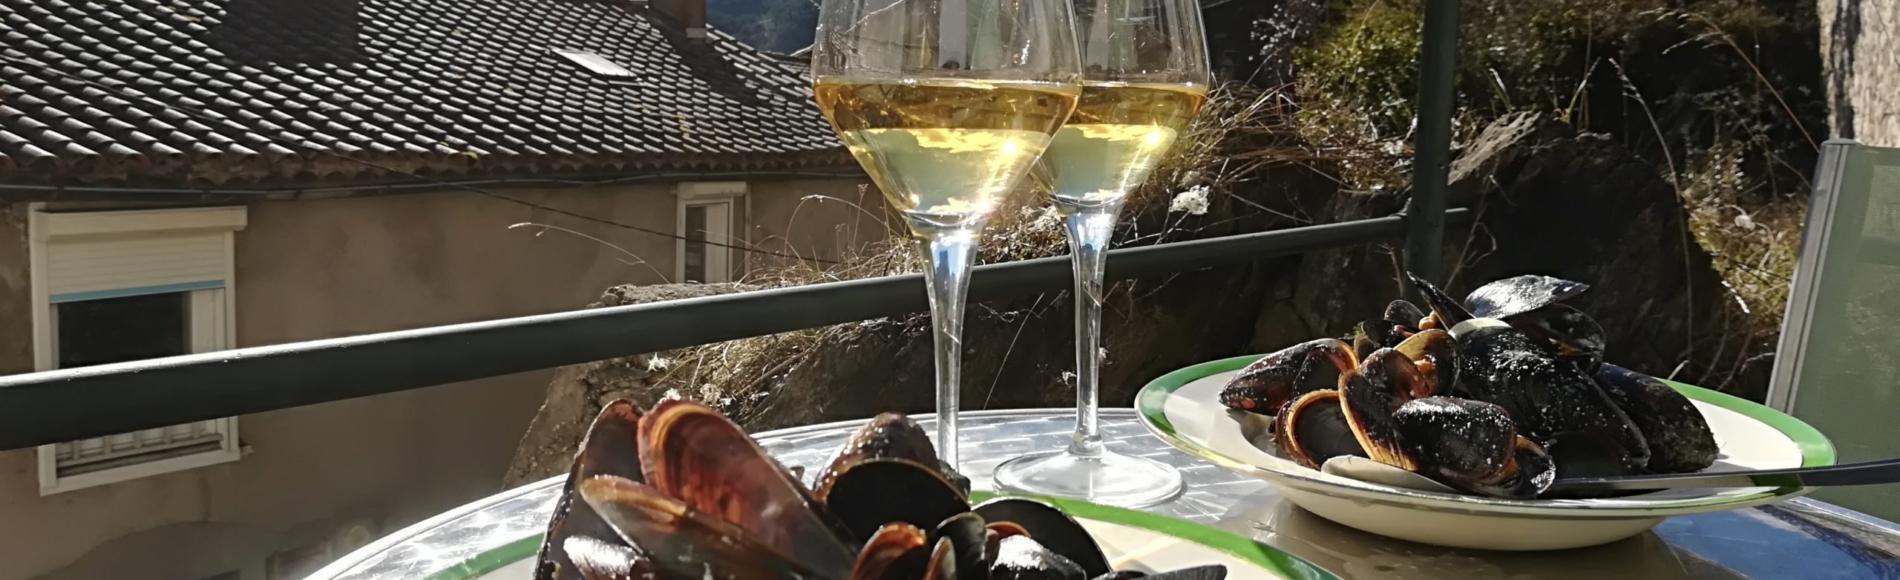 muslinger og hvidvin, i baggrunden bjerge